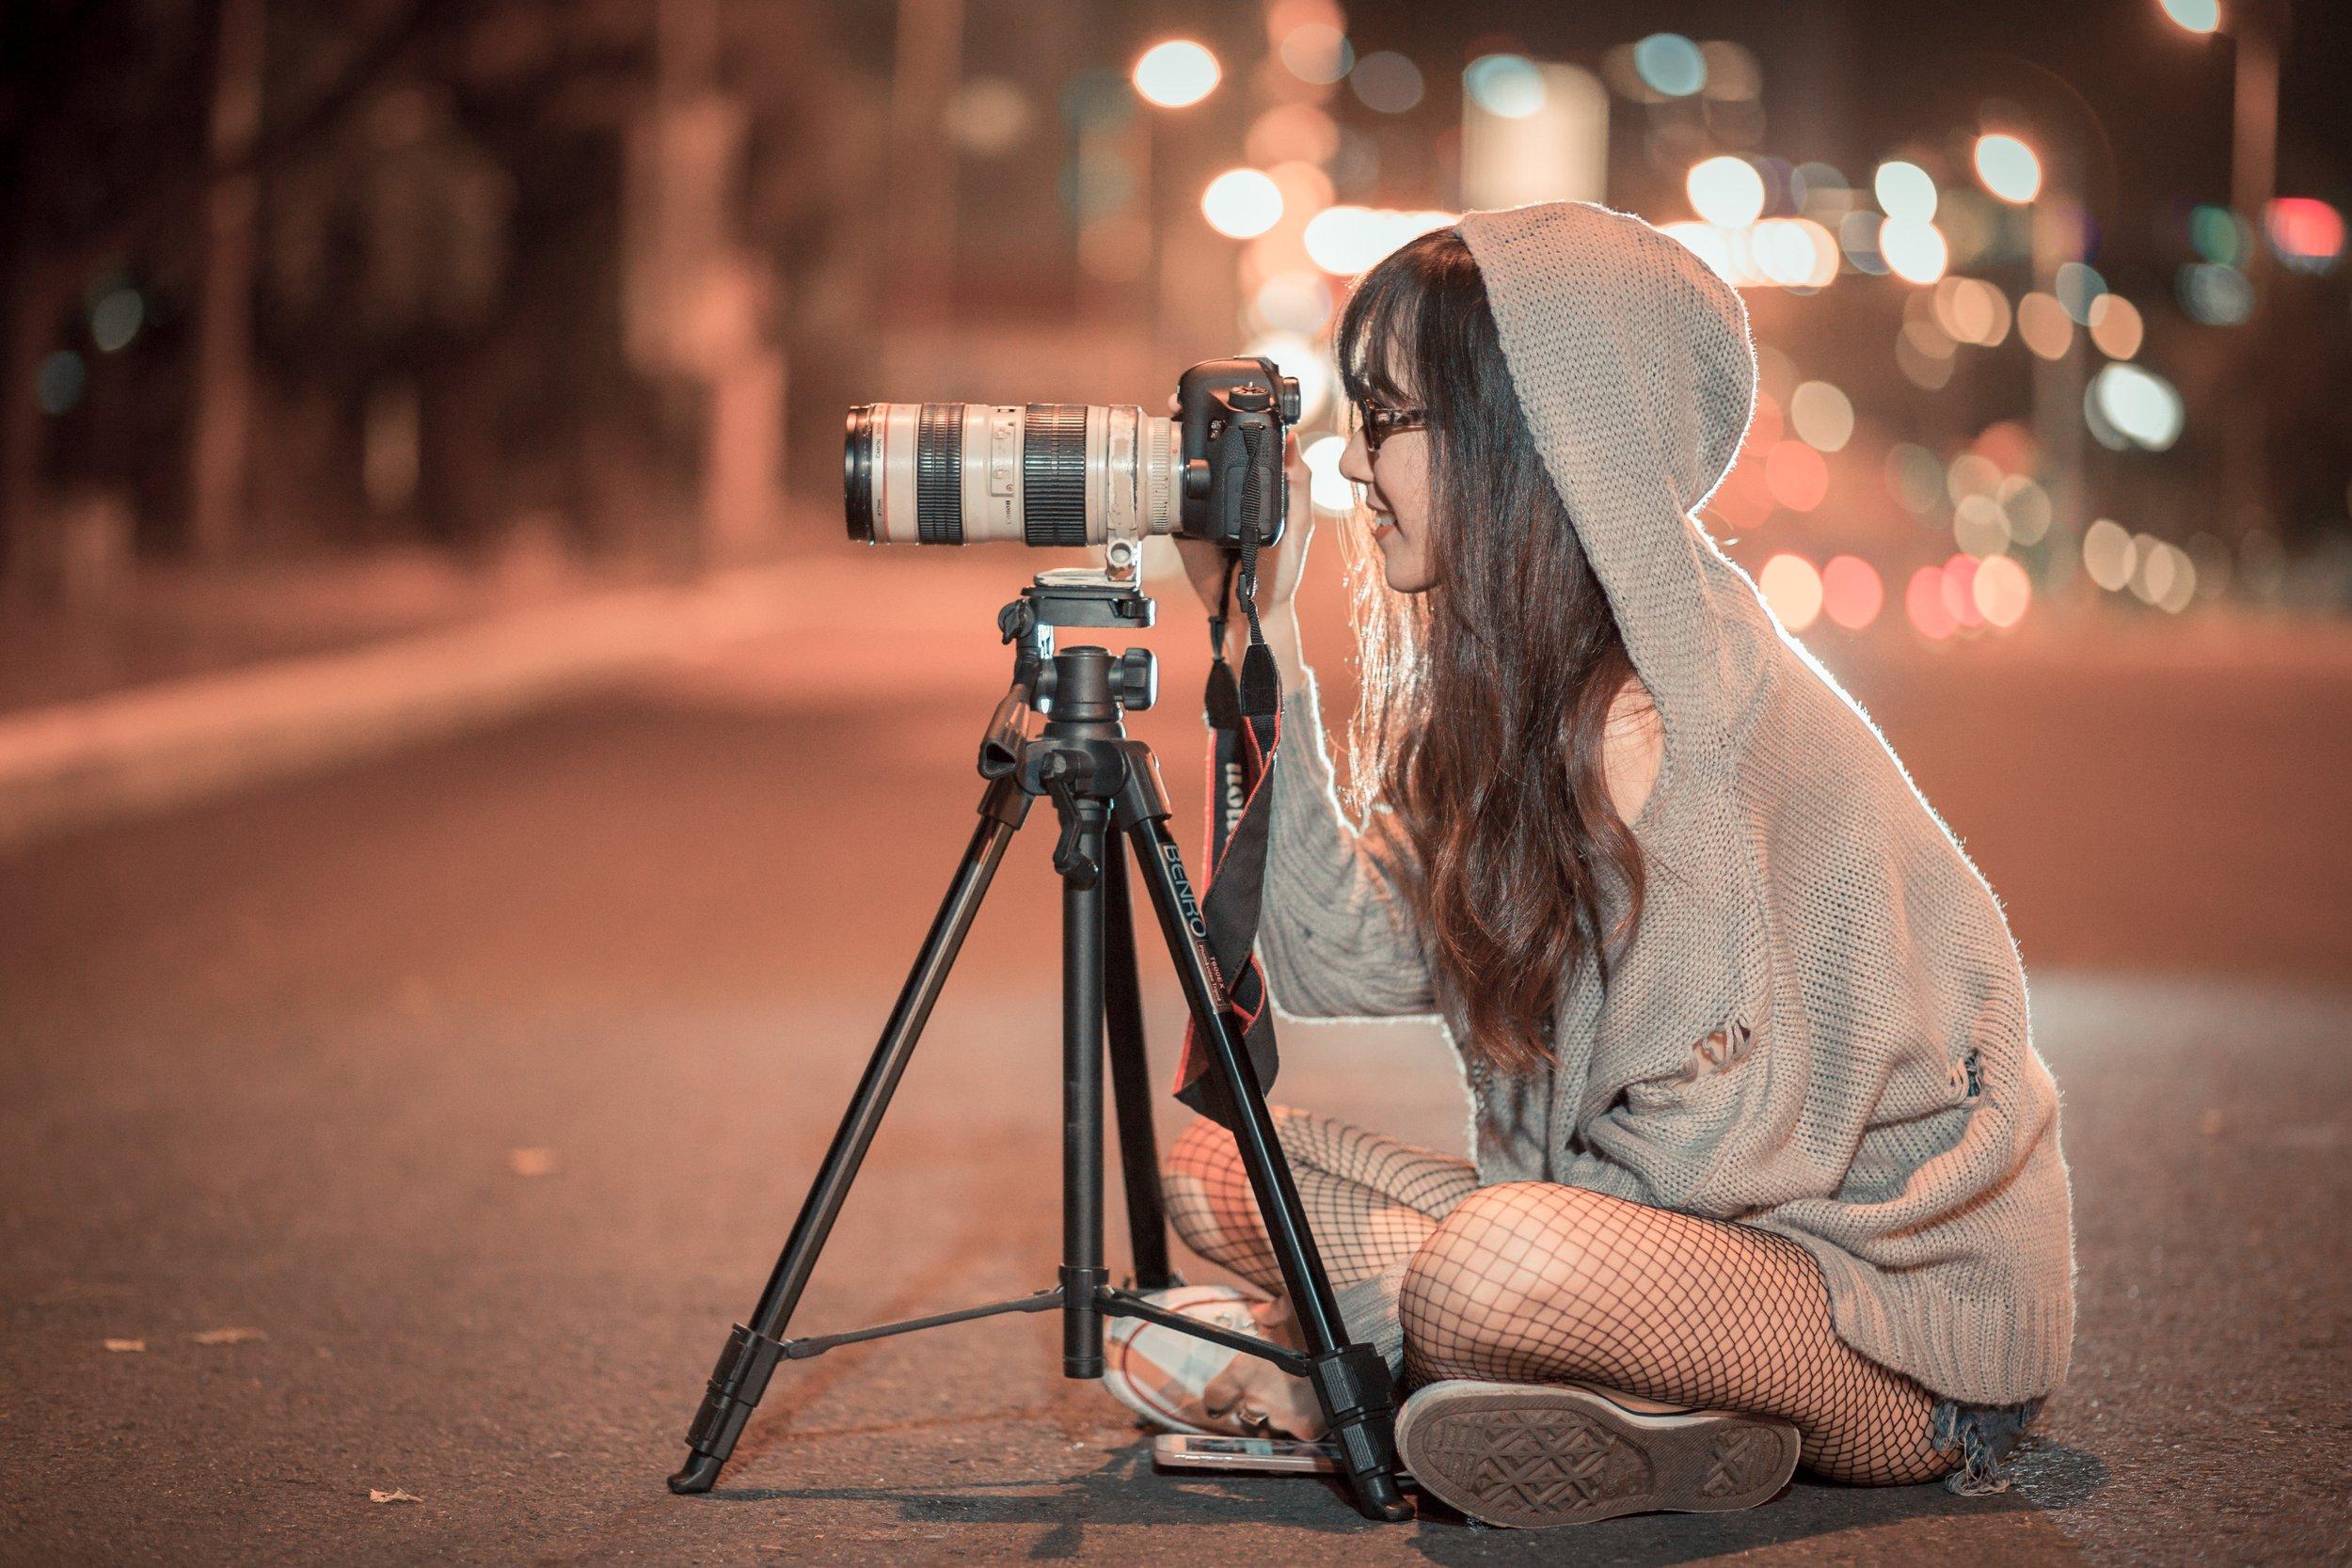 aperture-bokeh-camcorder-289796.jpg